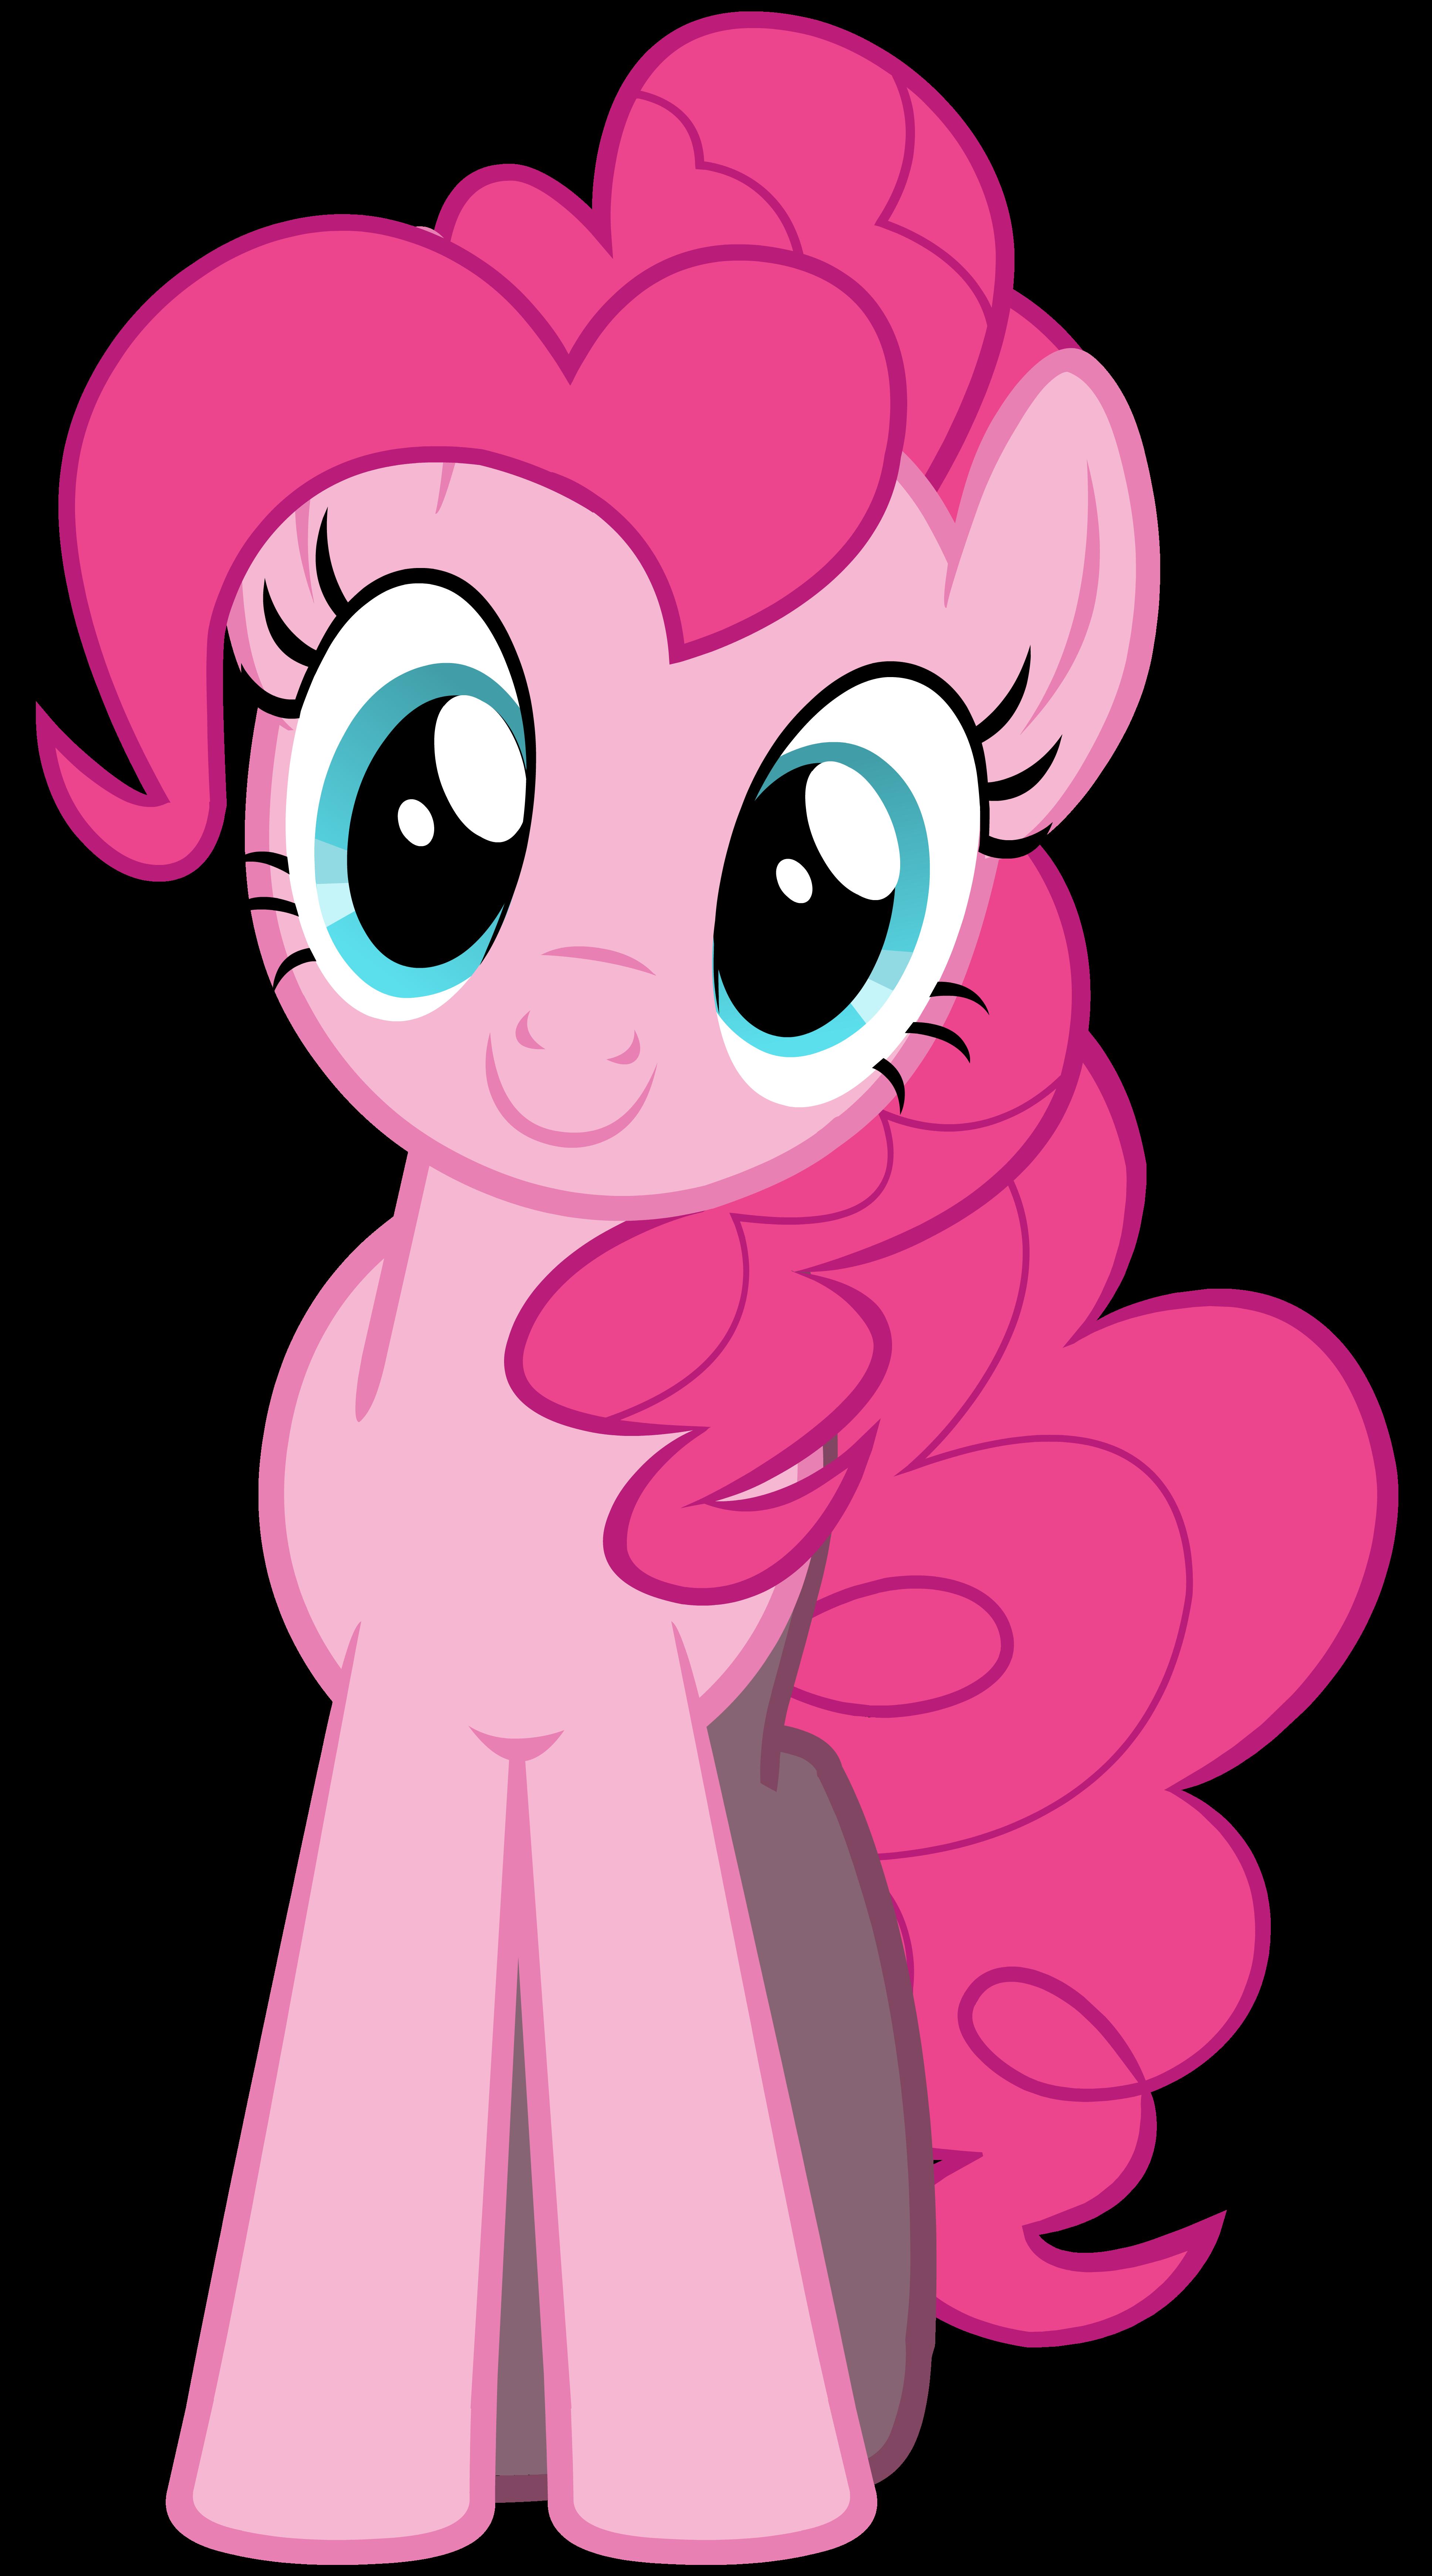 MLP Cutie Happy Pinkie Pie Pinkie pie, Little pony, My